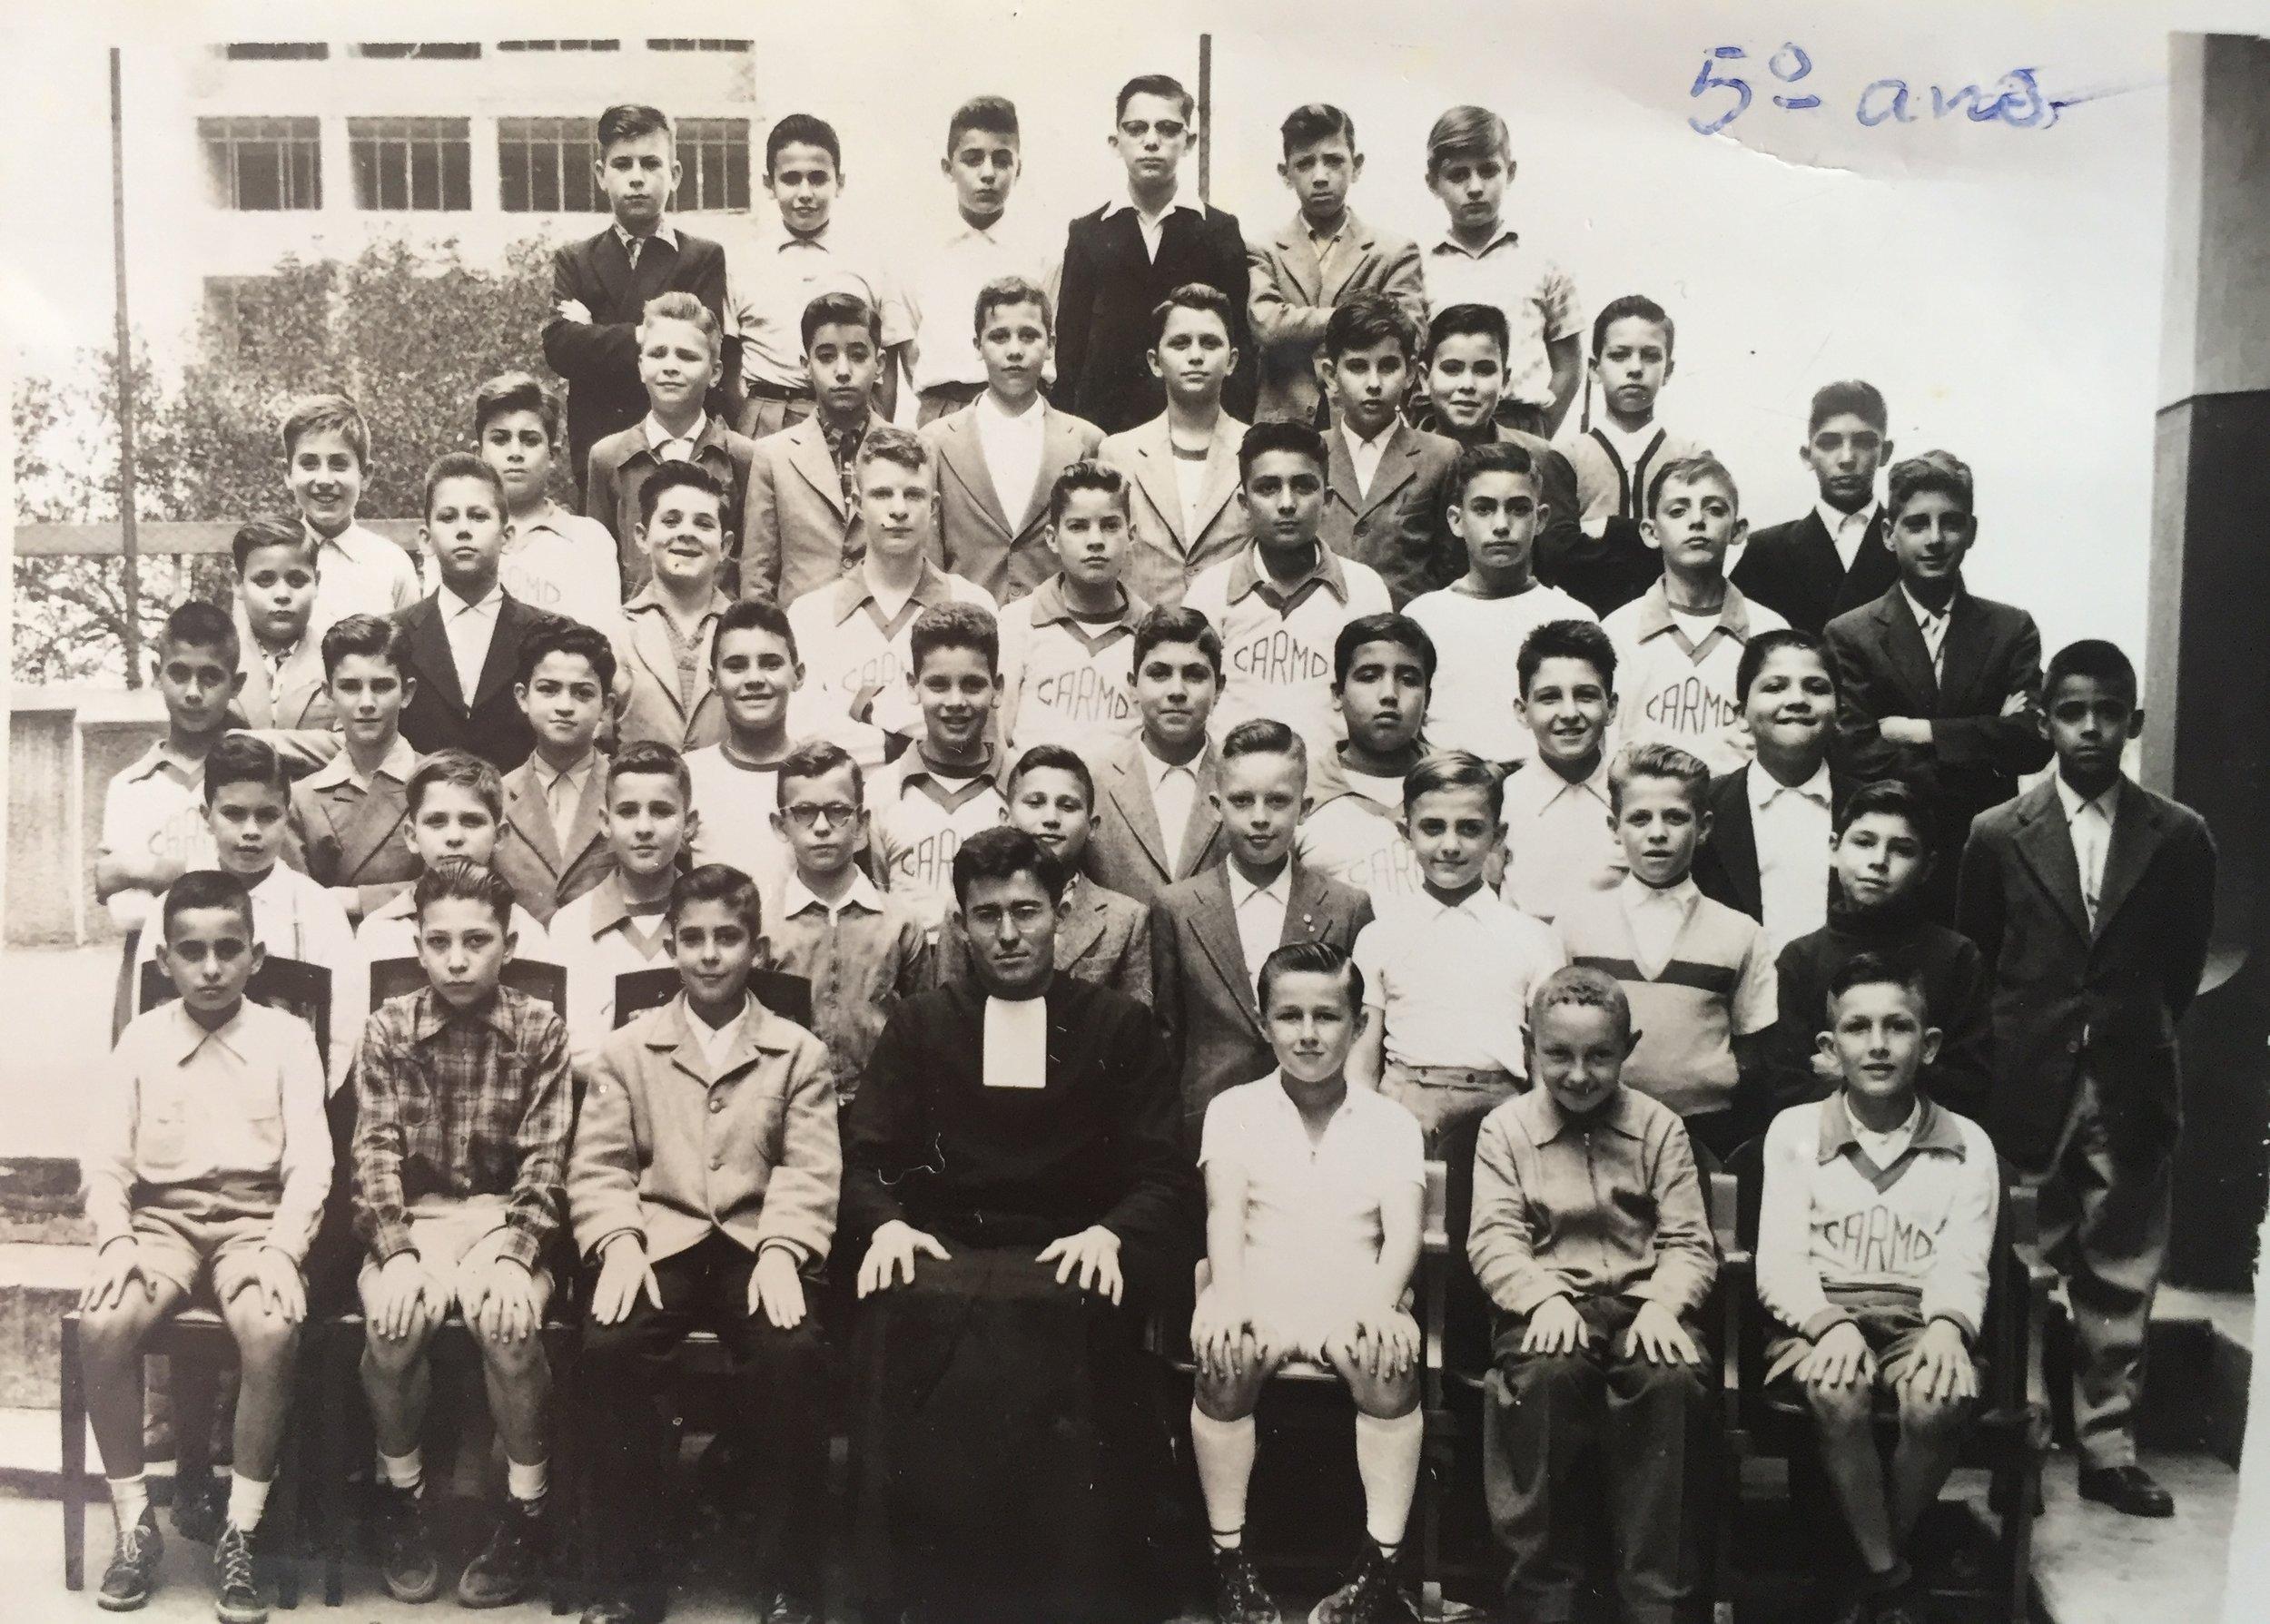 CARMO-Admissão ao Ginasio-1956.jpg